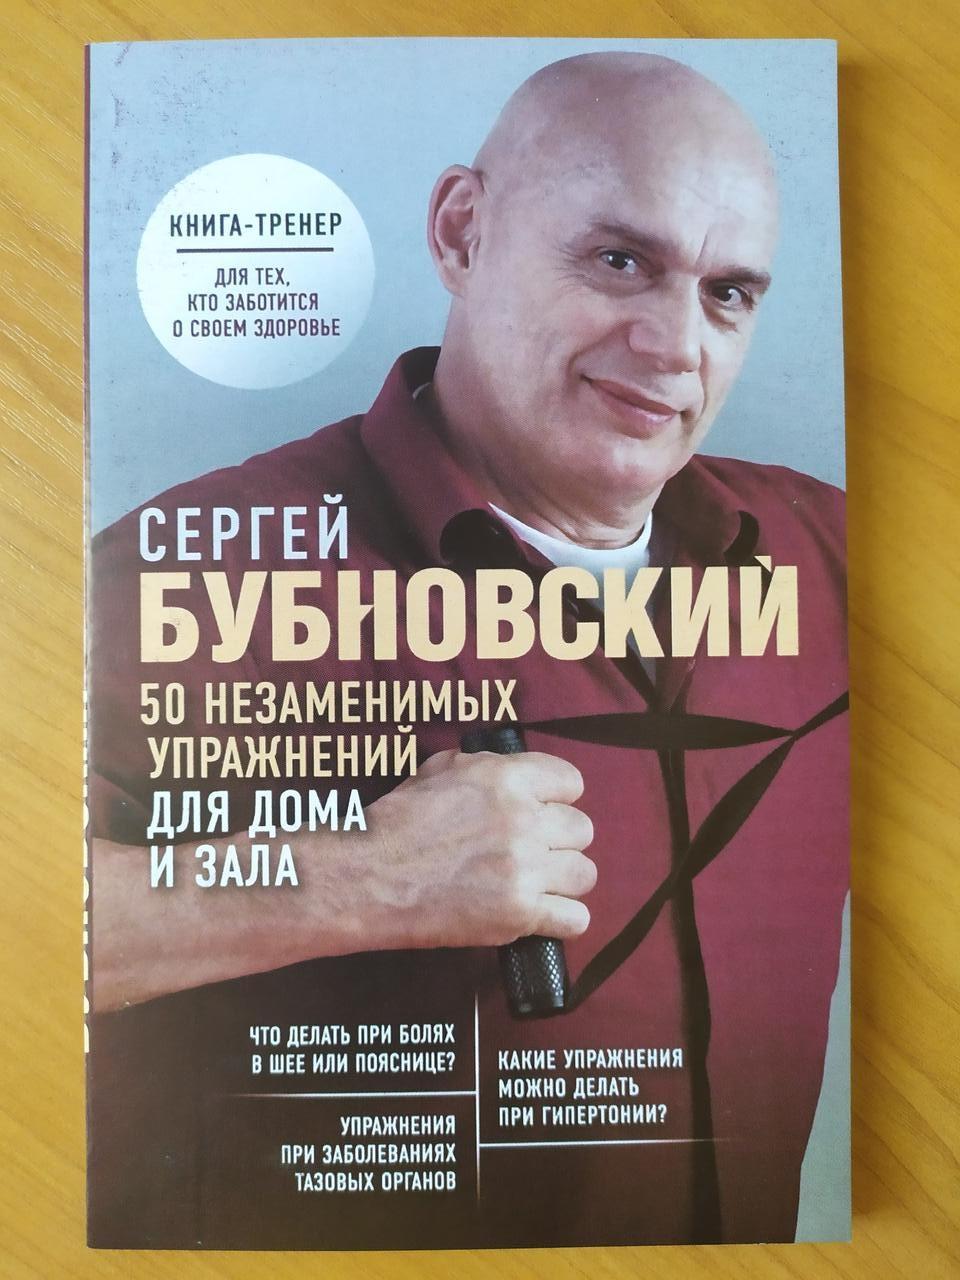 Сергей Бубновский. 50 незаменимых упражнений для дома и зала